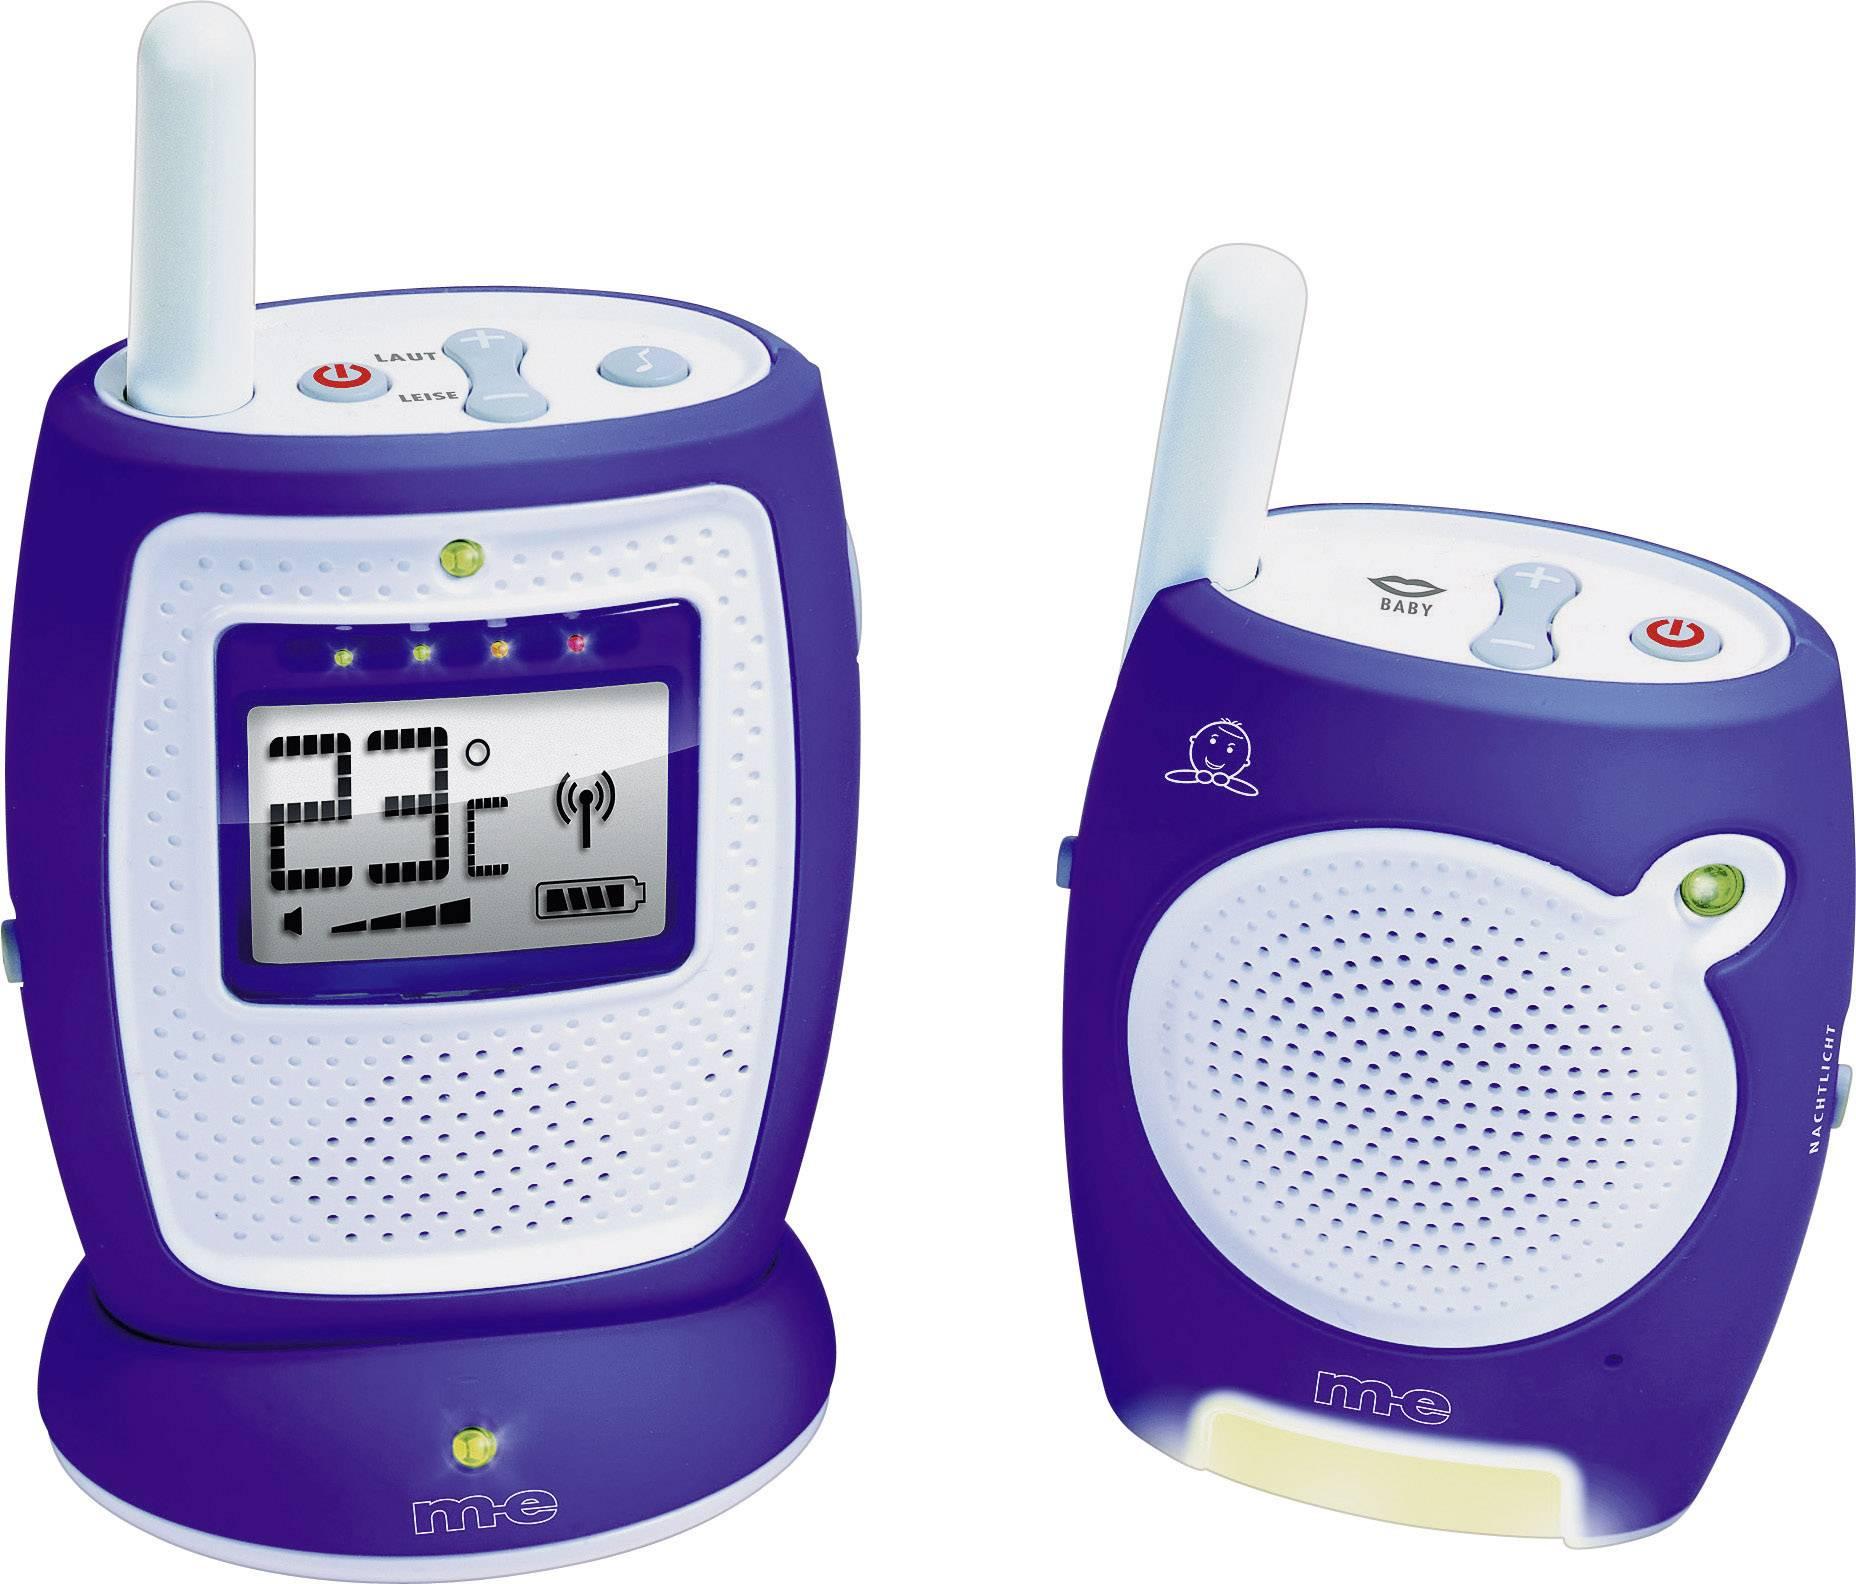 S digitálnym prenosom elektronická detská opatrovateľka m-e modern-electronics 10604 Funk-Babyphone DBS 5, 2.4 GHz